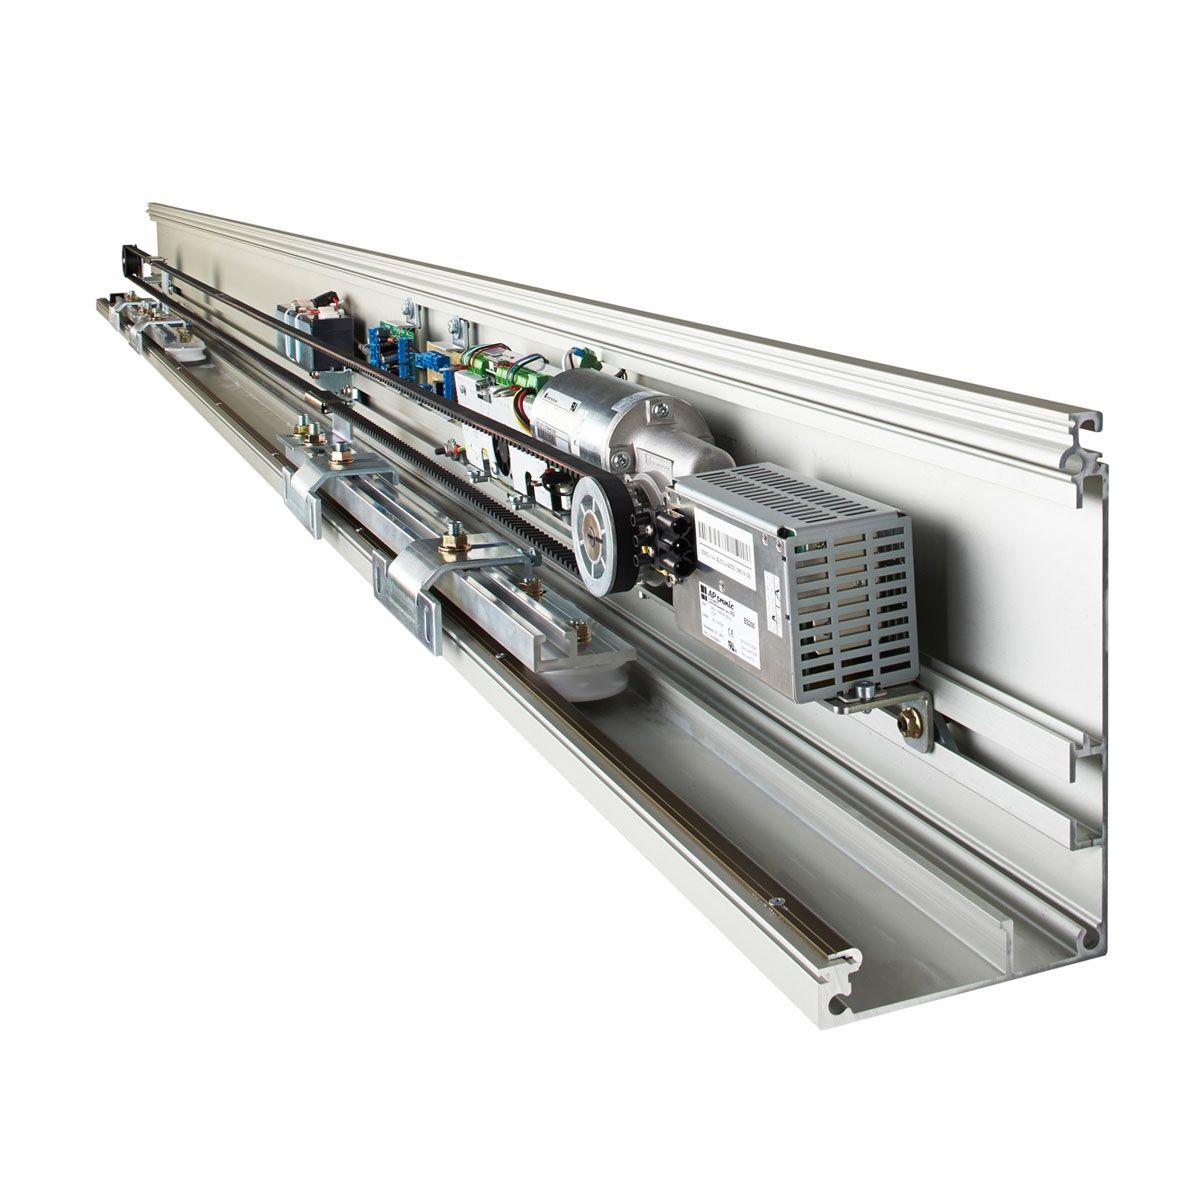 Dorma Automatic Sliding Door Wiring Diagram Automatic Sliding Doors Sliding Door Systems Sliding Doors